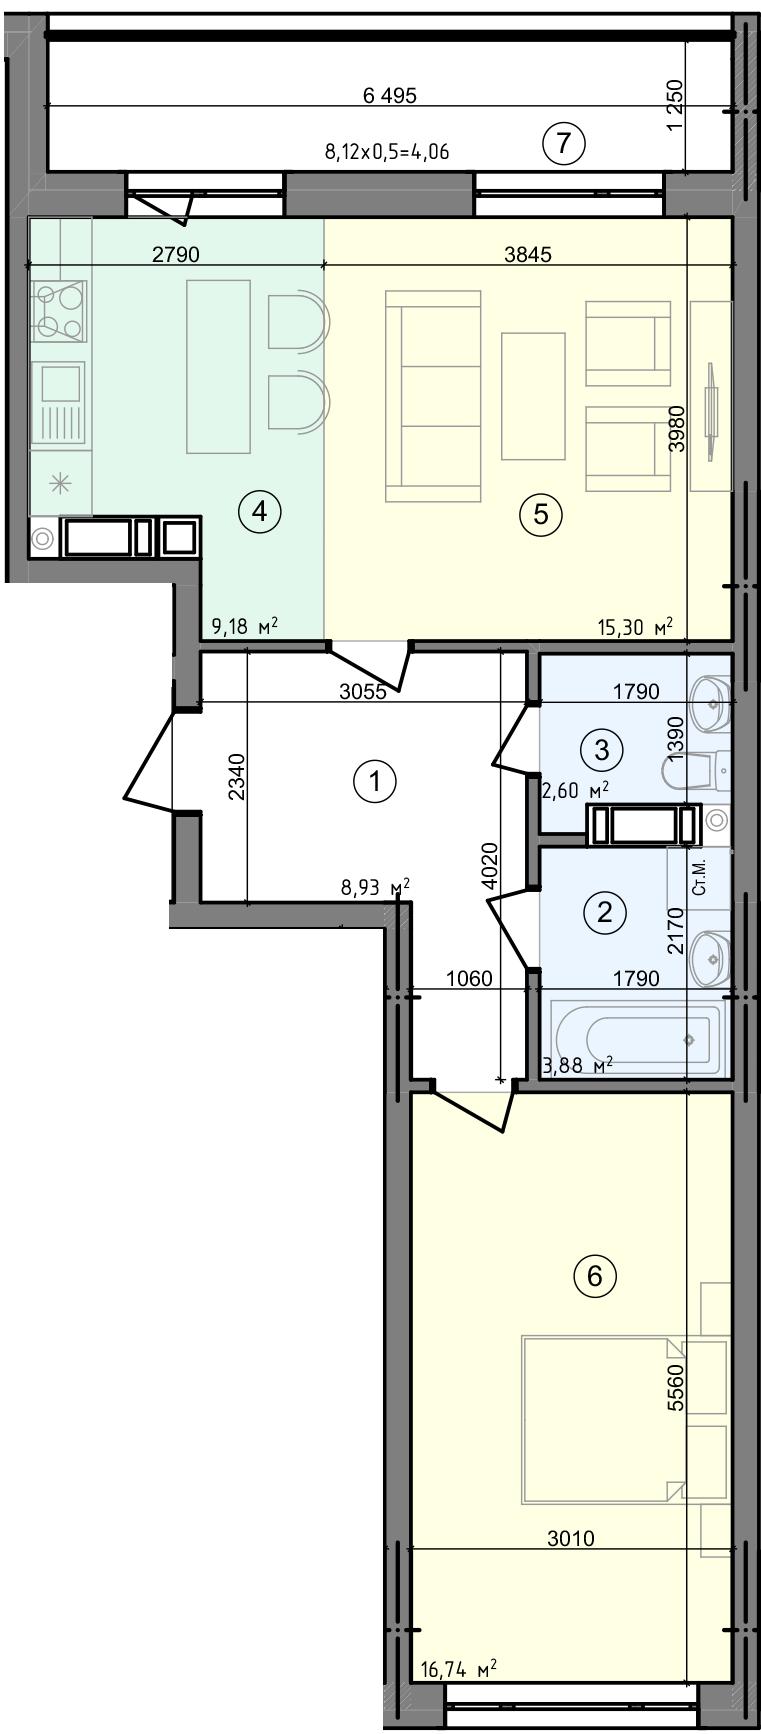 Купити Двокімнатна квартира 60,69 кв.м., тип 2.1, будинок 2, секція 5 в Києві Голосіївський район